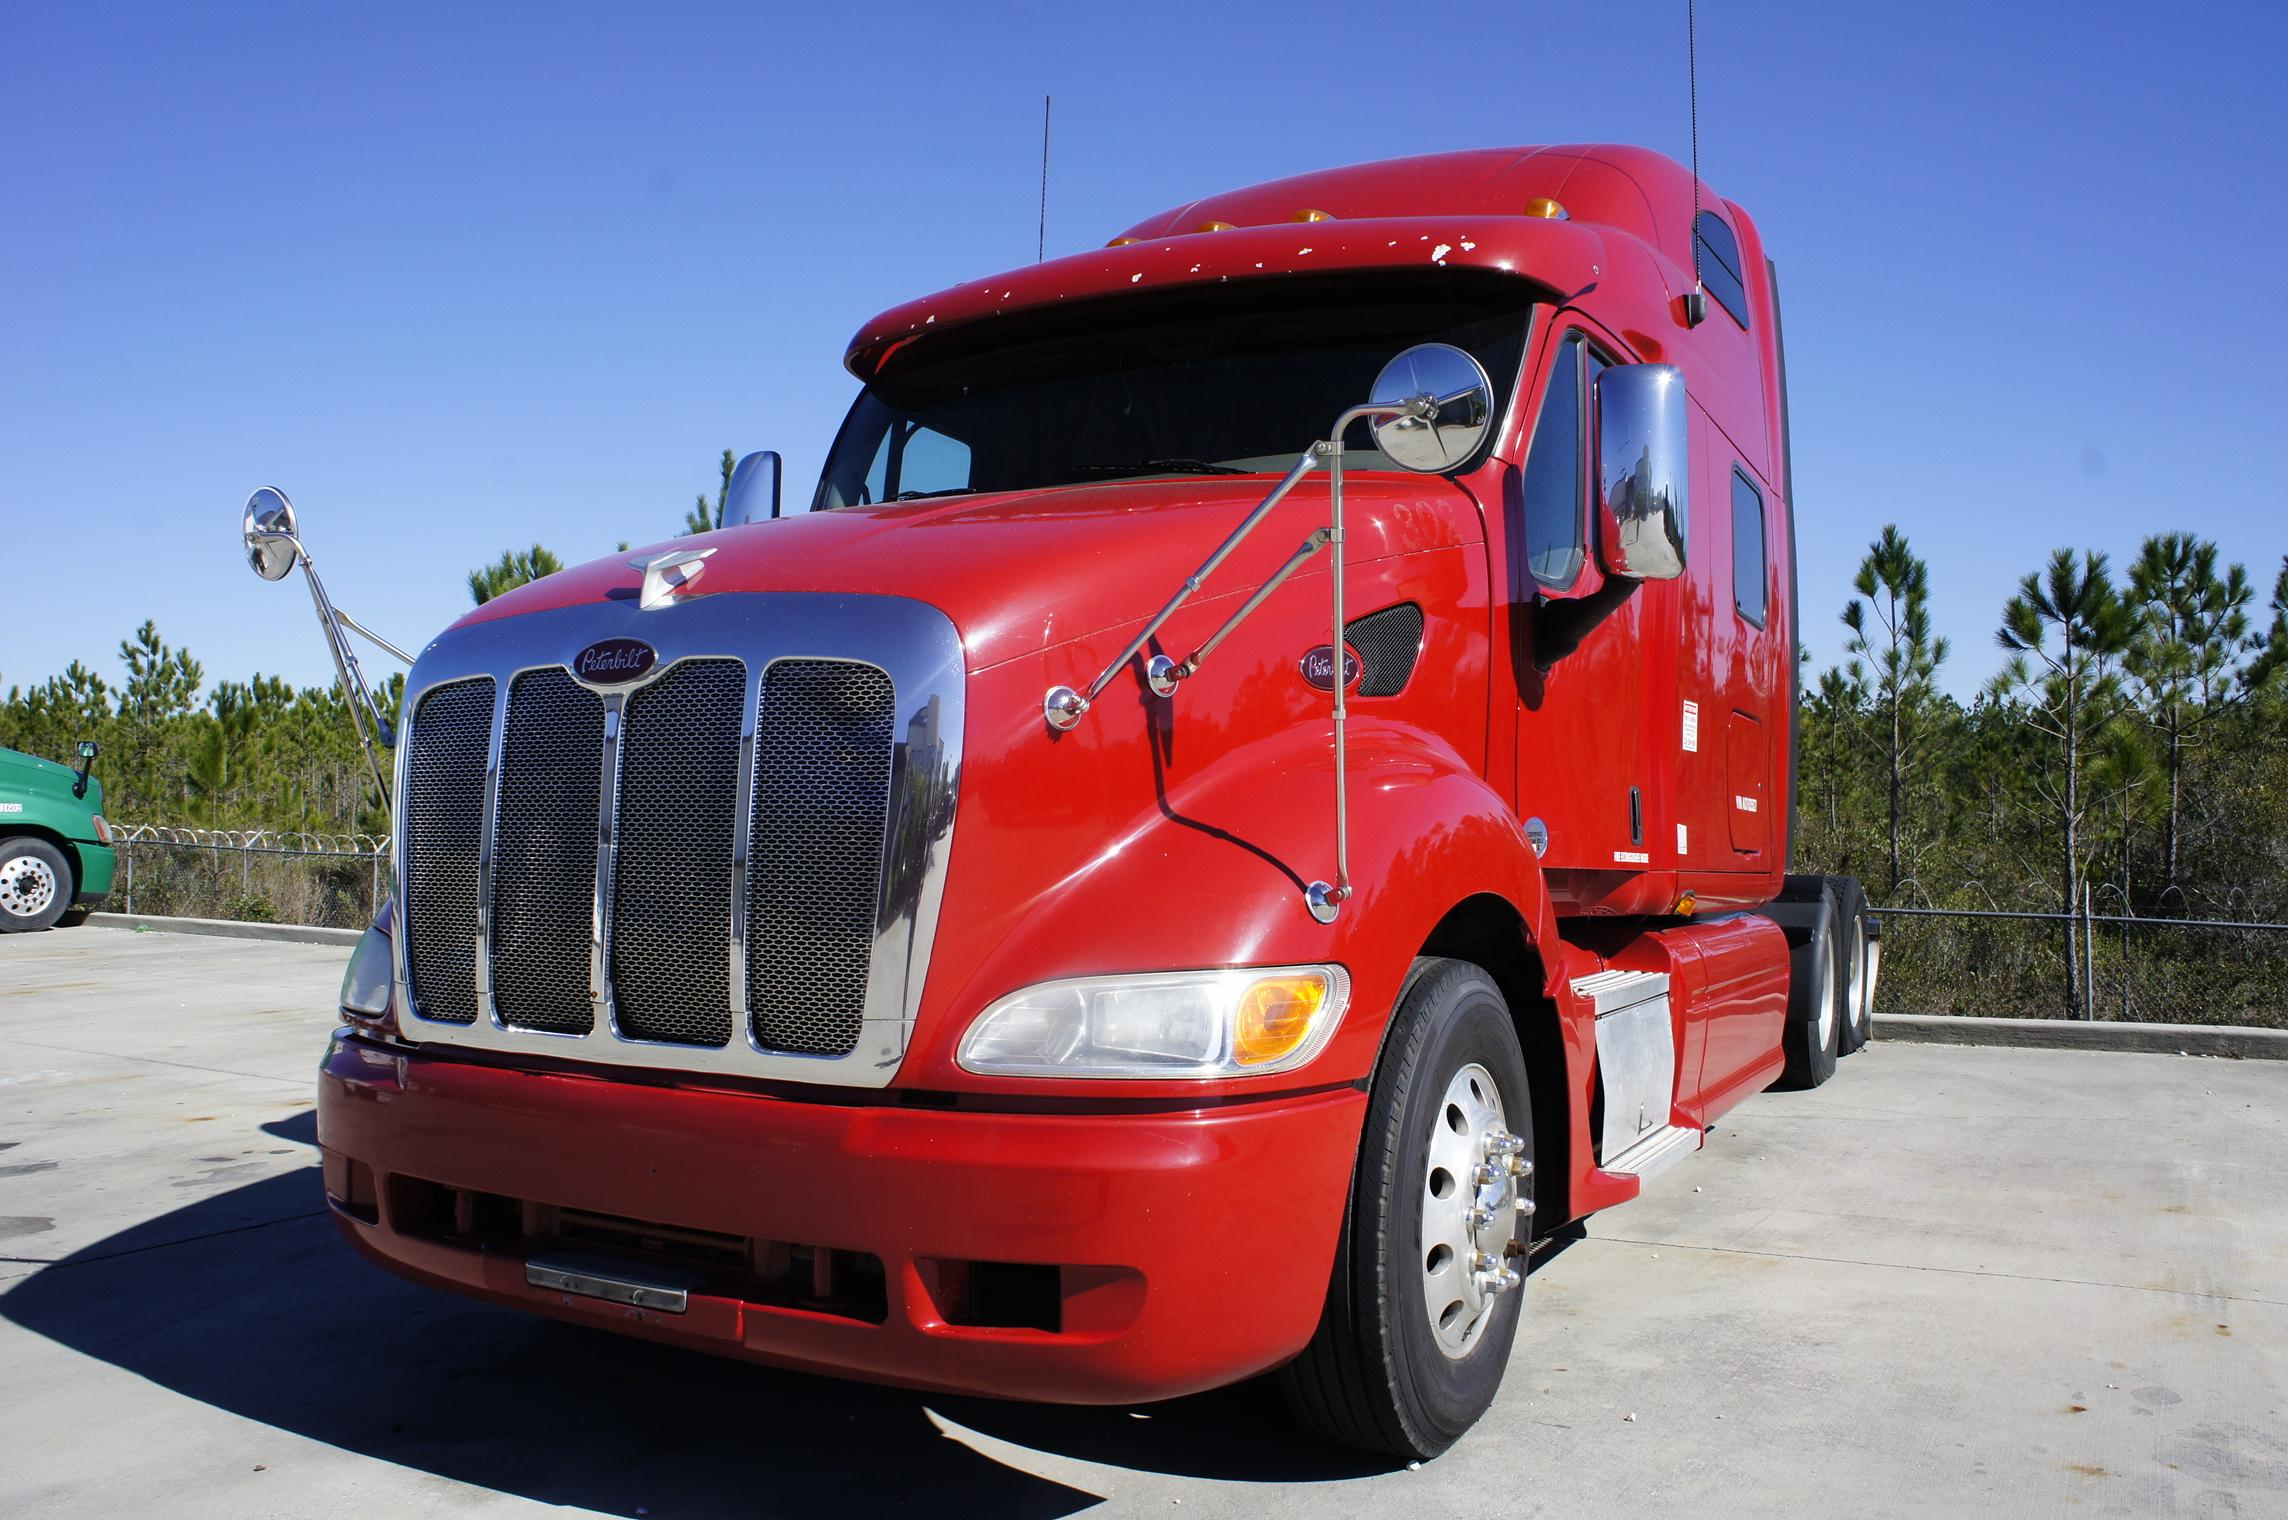 USED 2010 PETERBILT 387 SLEEPER TRUCK #93495